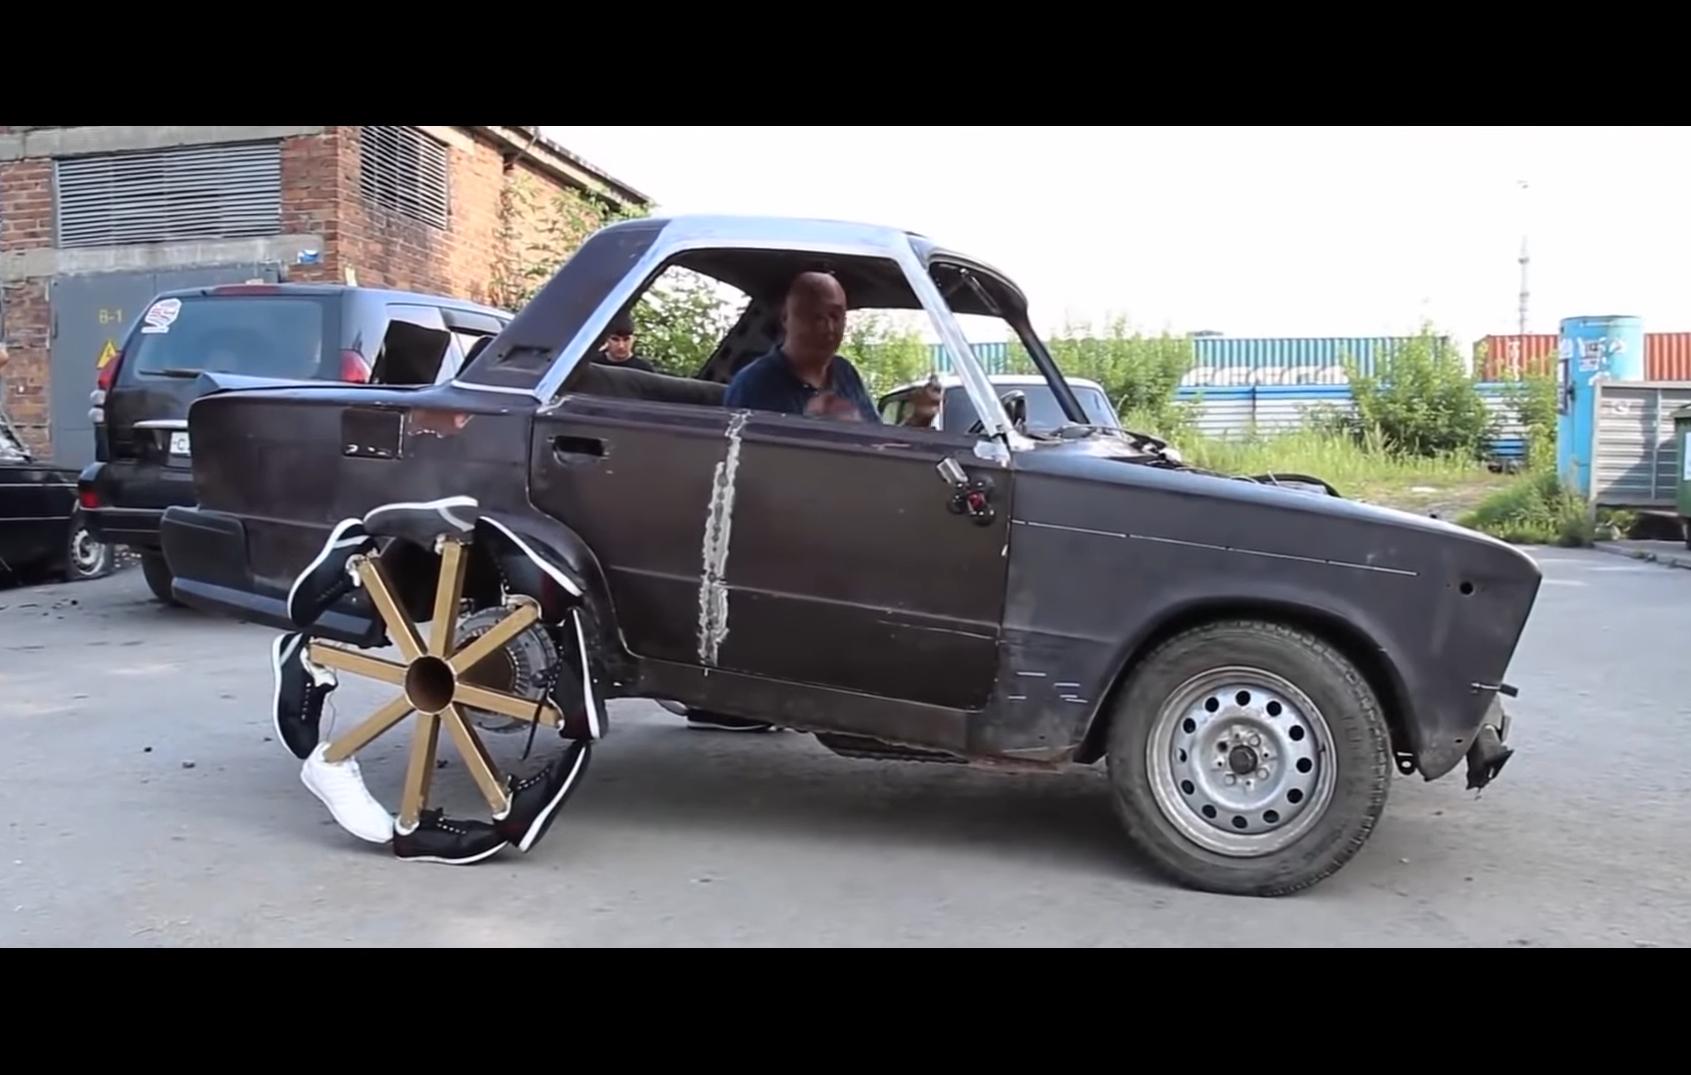 Šialený pokus: Rus obul auto do topánok. Takto jazdí